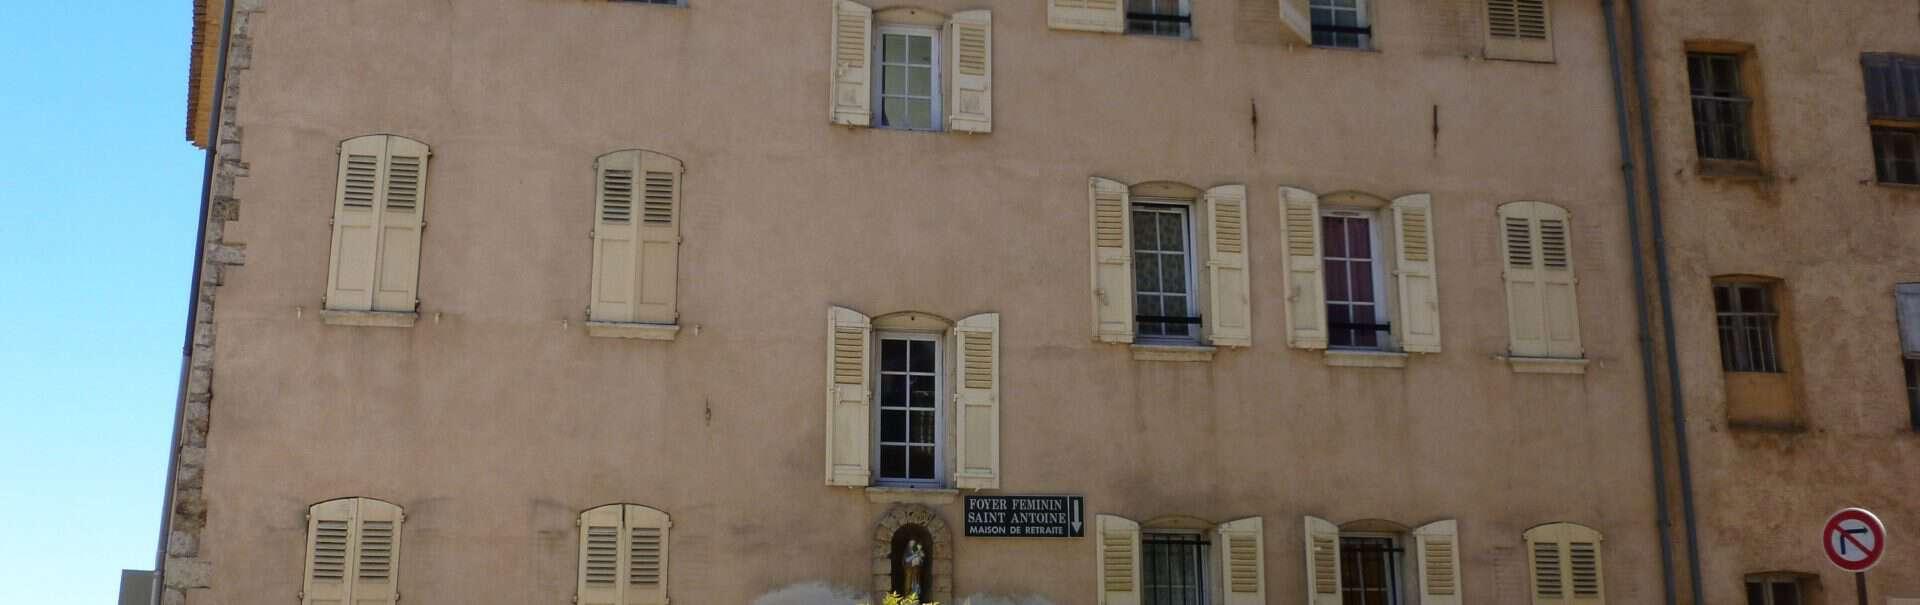 Grasse_facade22014.jpg